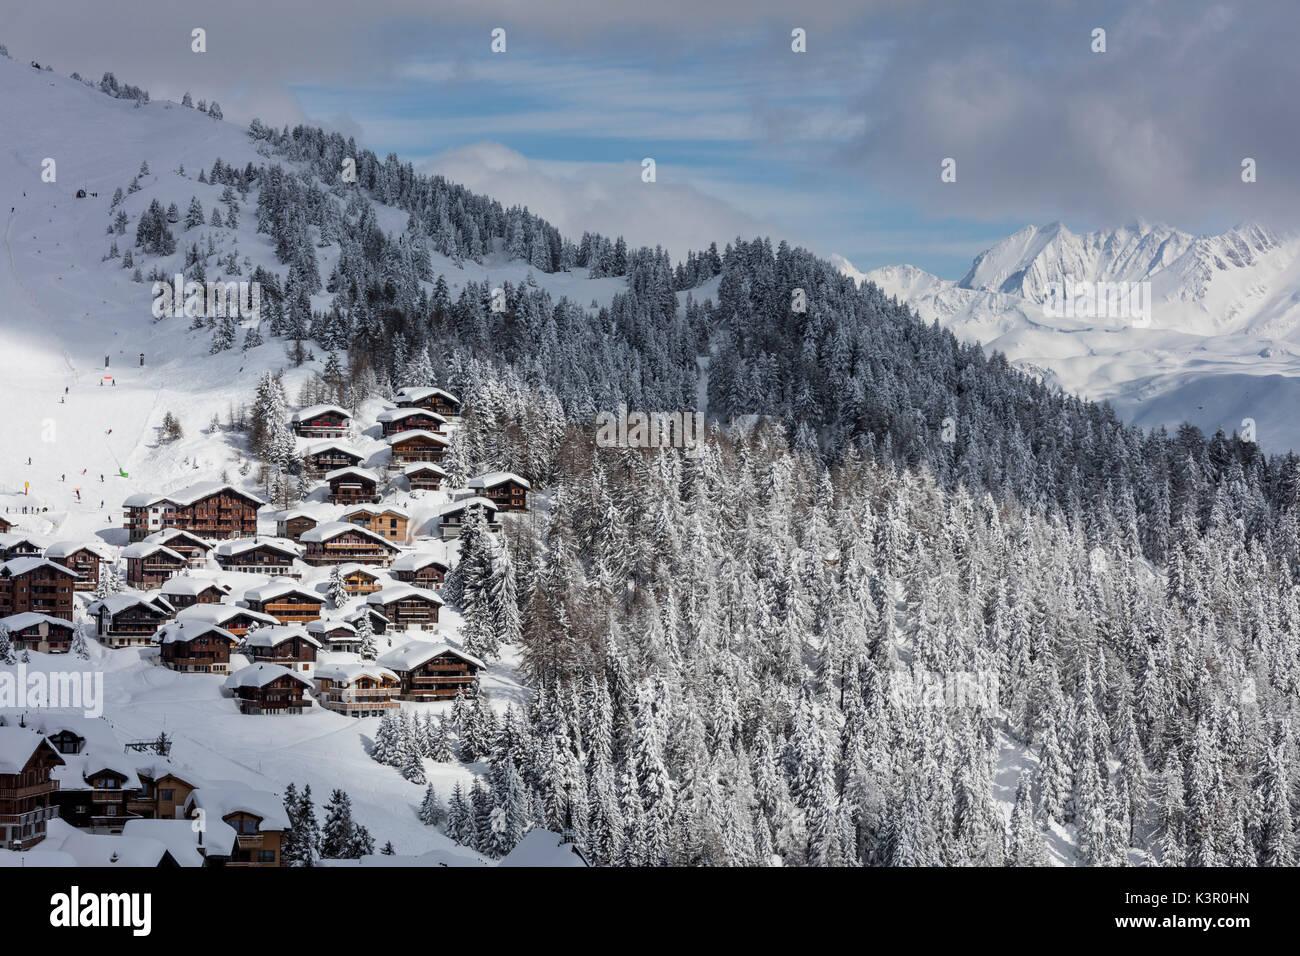 Tief verschneite Wälder Rahmen der typisch alpenländischen Dorf und Skigebiet Bettmeralp Bezirk Raron Stockbild